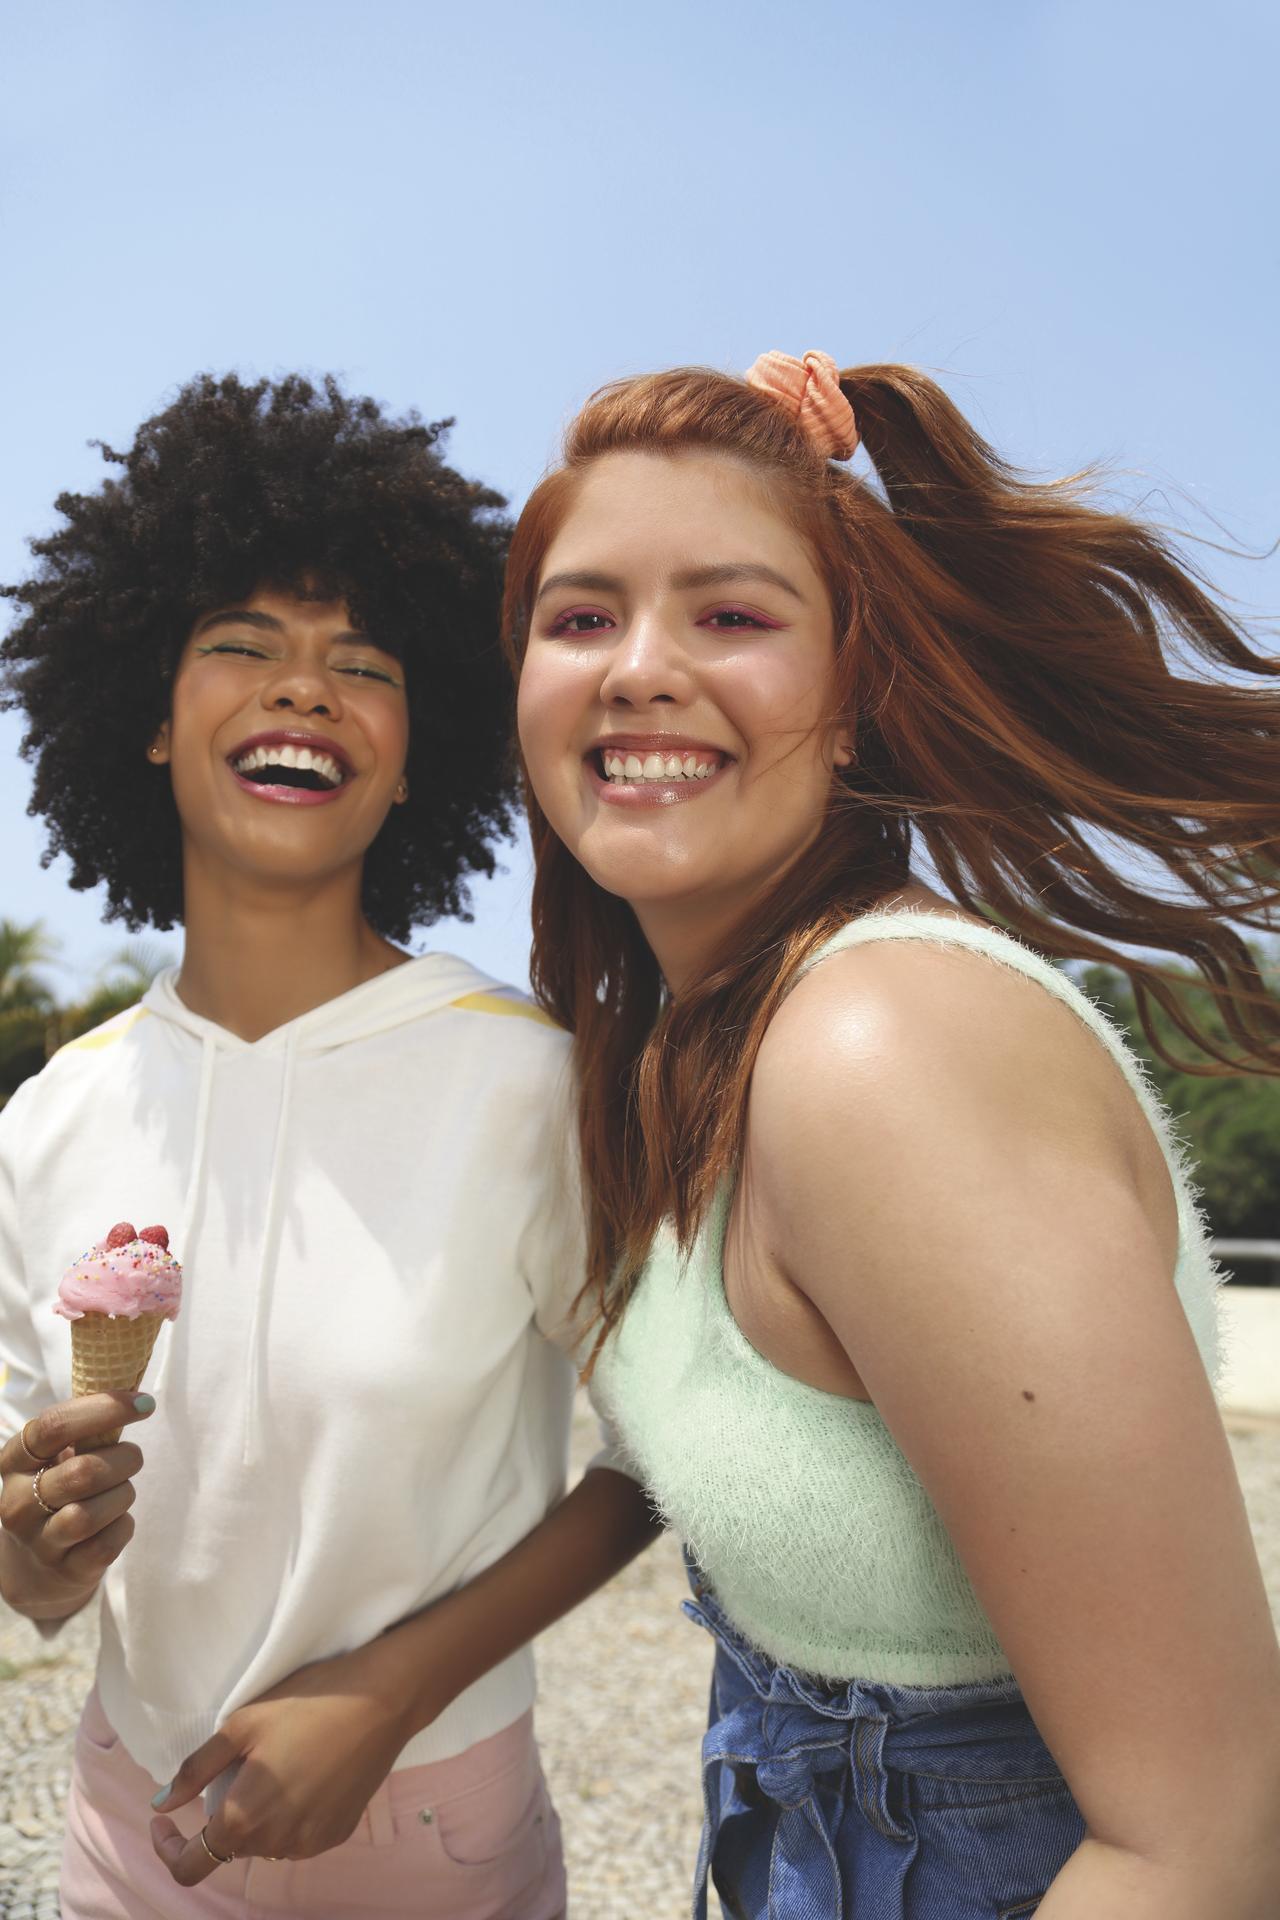 Imagem de duas meninas de frente e sorrindo. Eles estão em um ambiente aberto.